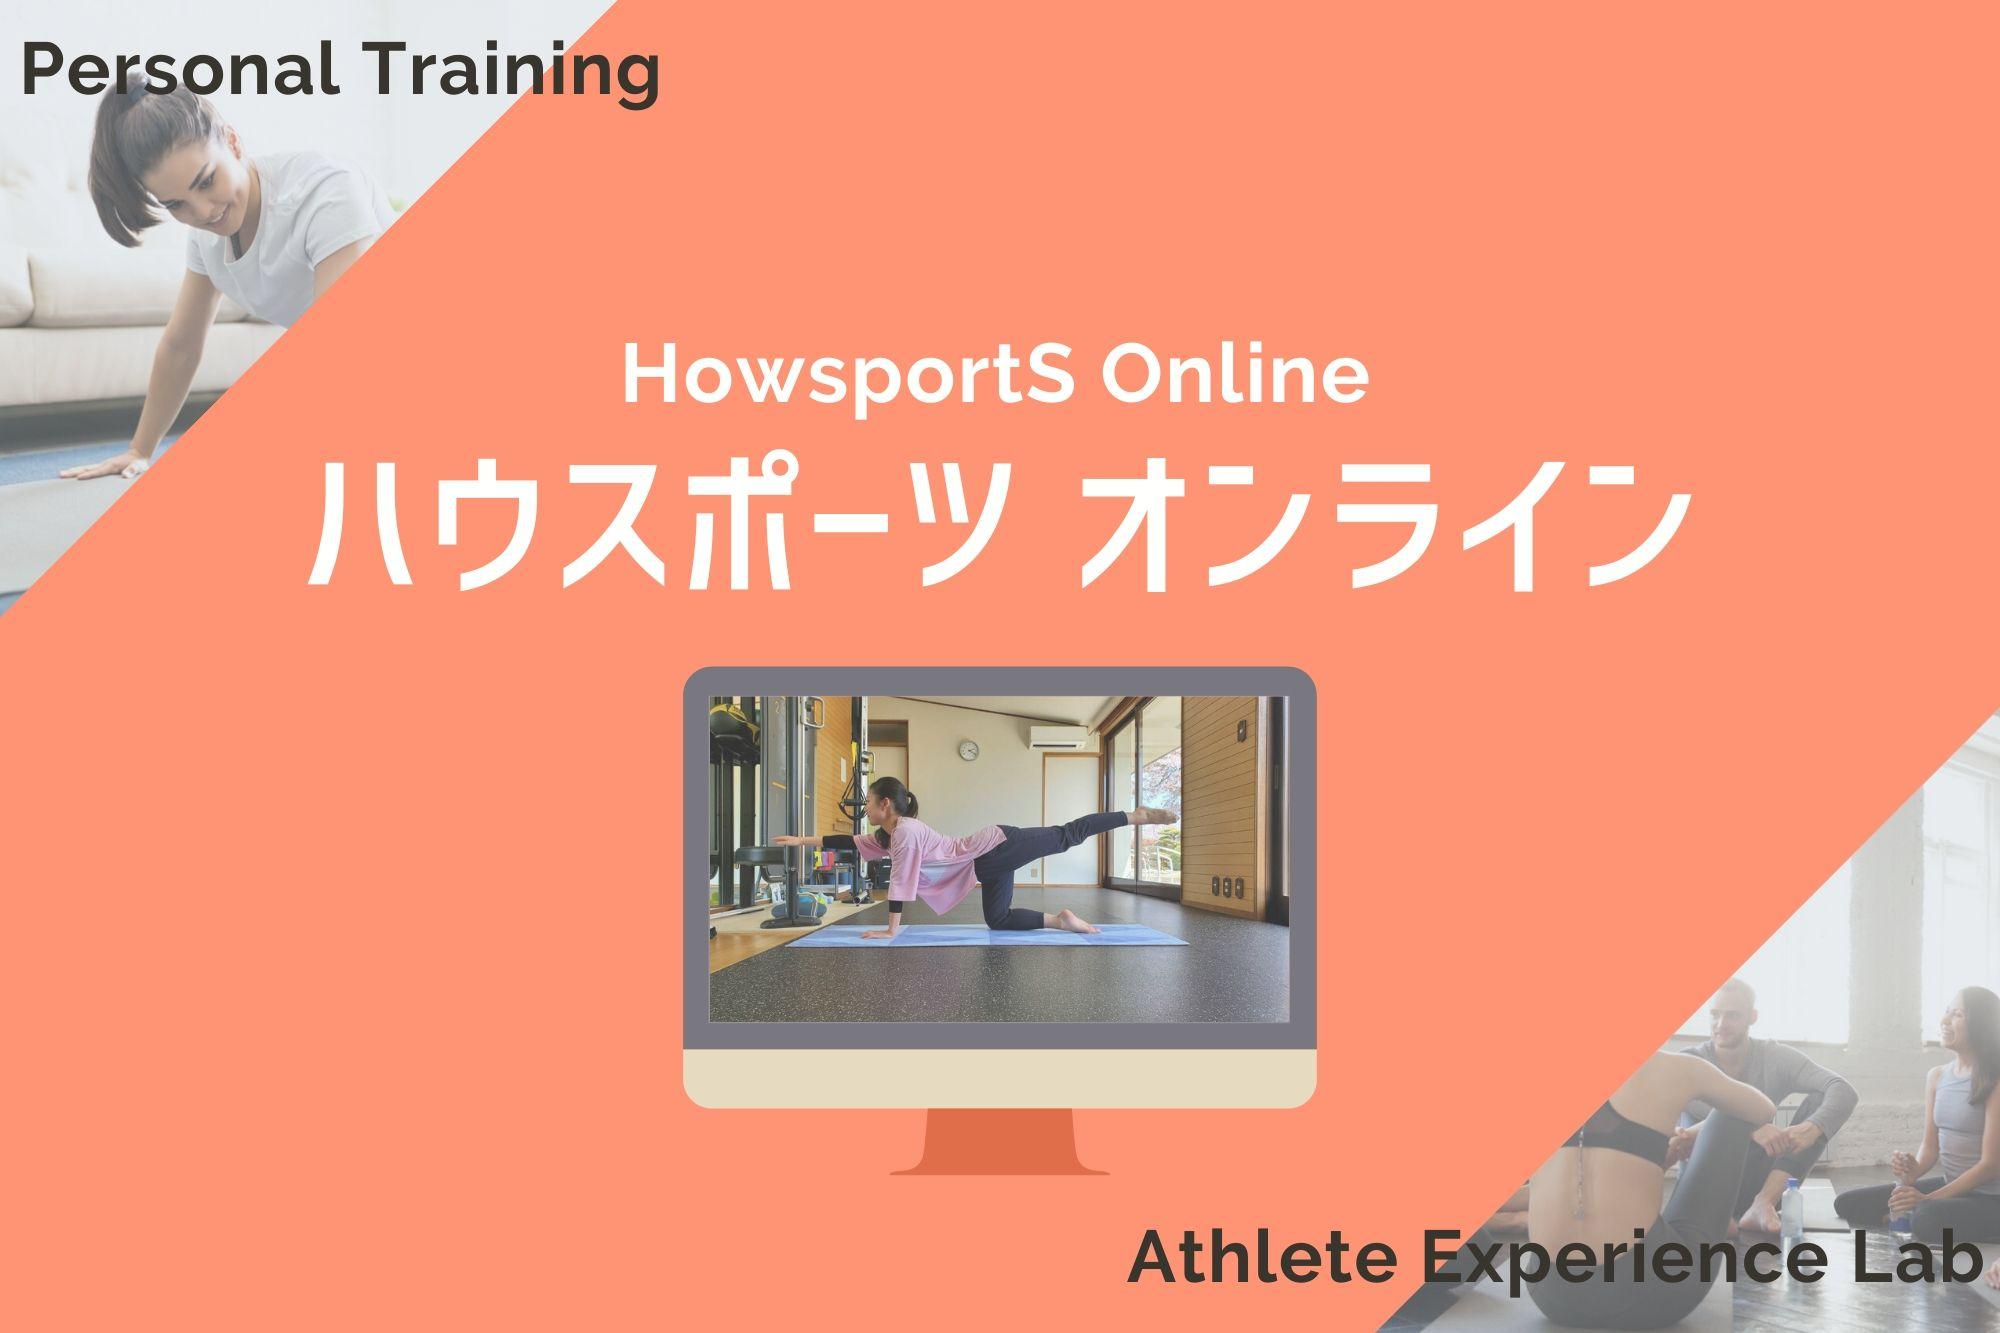 HowsportS Online ハウスポオンライン